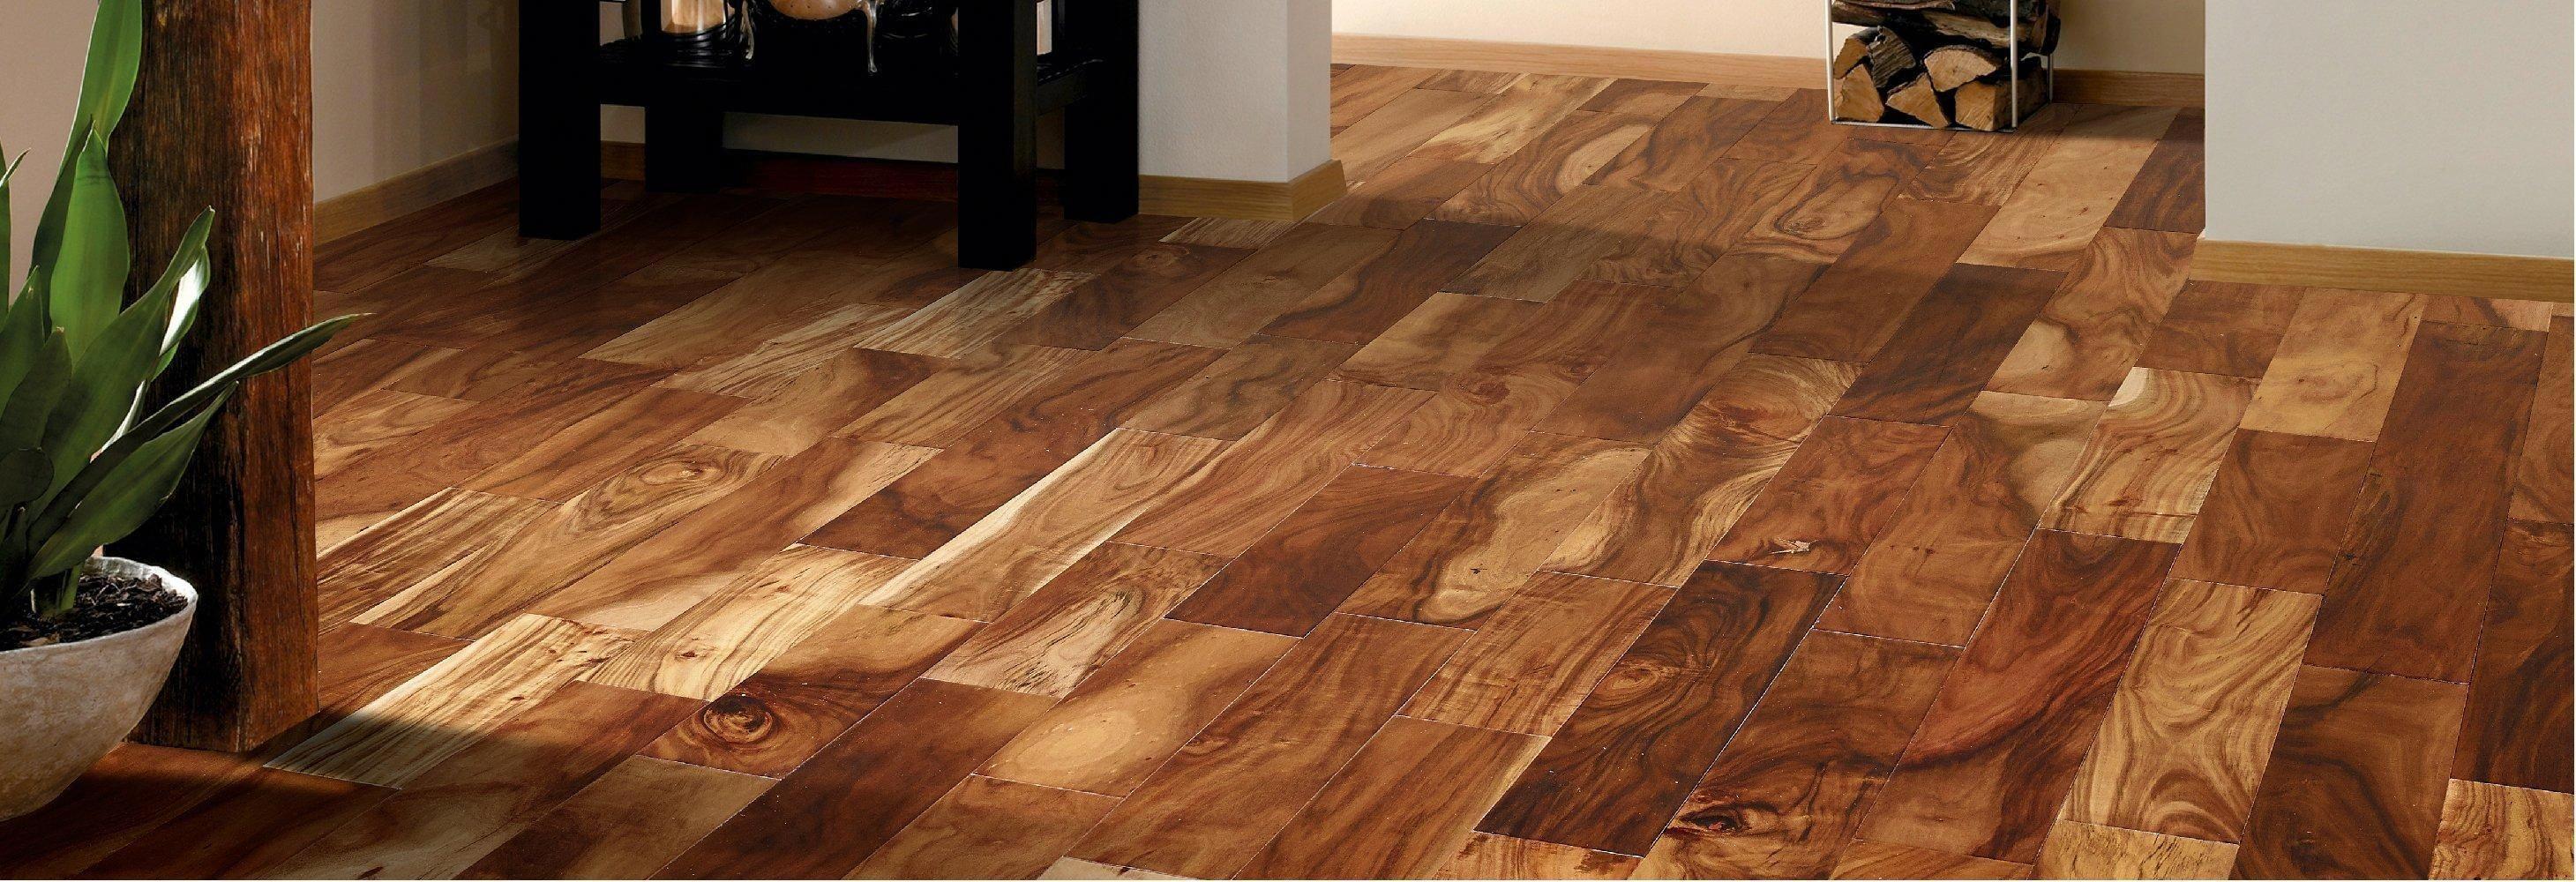 Brilliant grey wood flooring in 2020 Engineered hardwood